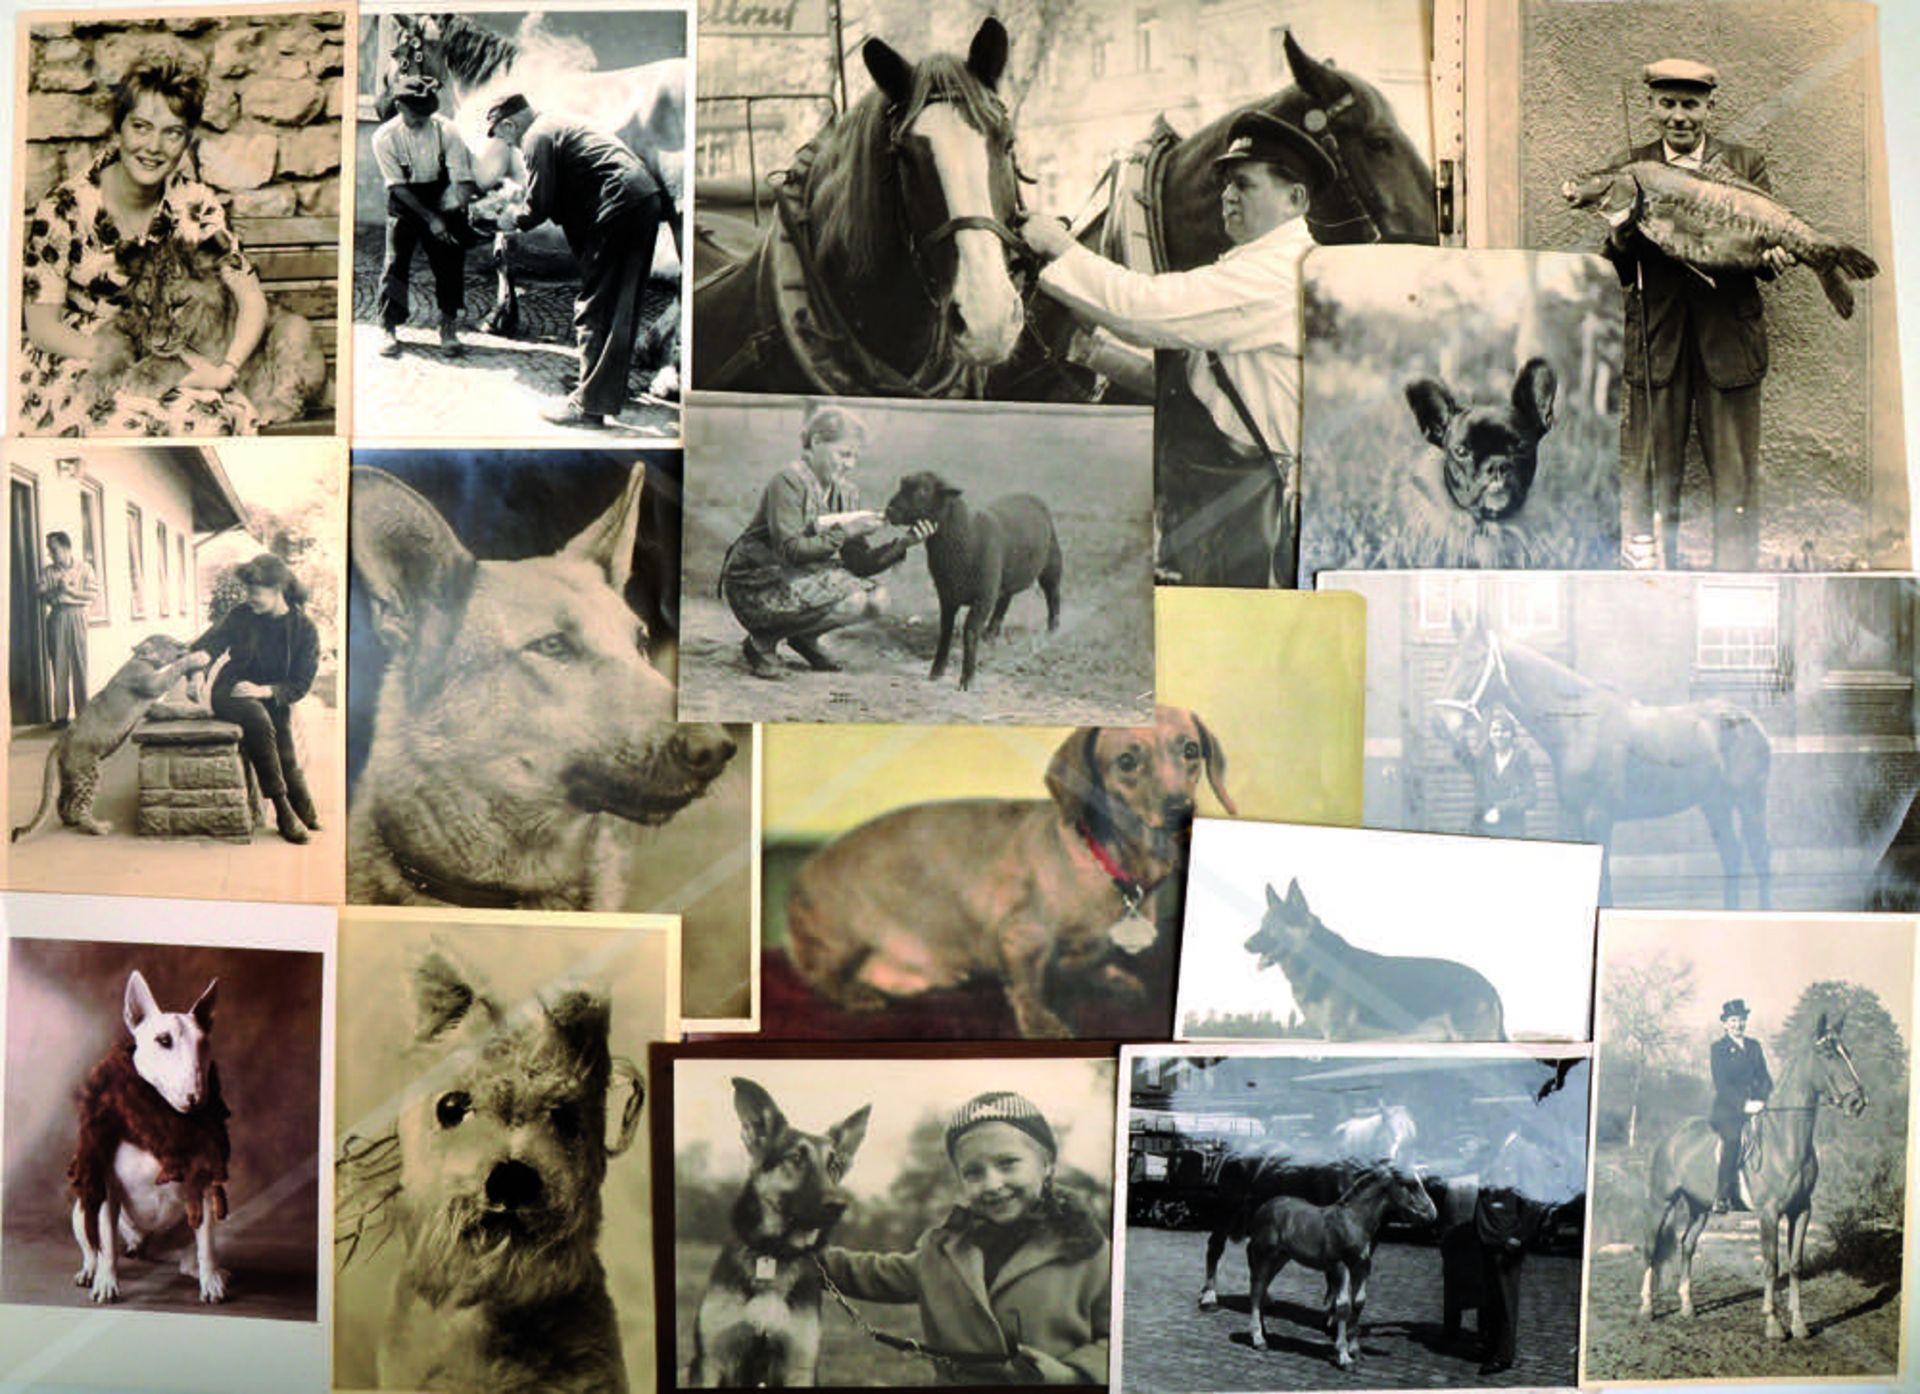 SAMMLUNG MENSCH UND TIER, ca. 160 Fotos, Hunde, Katzen, Sittiche, Pferde, geangelter Riesenkarpfen - Bild 2 aus 2